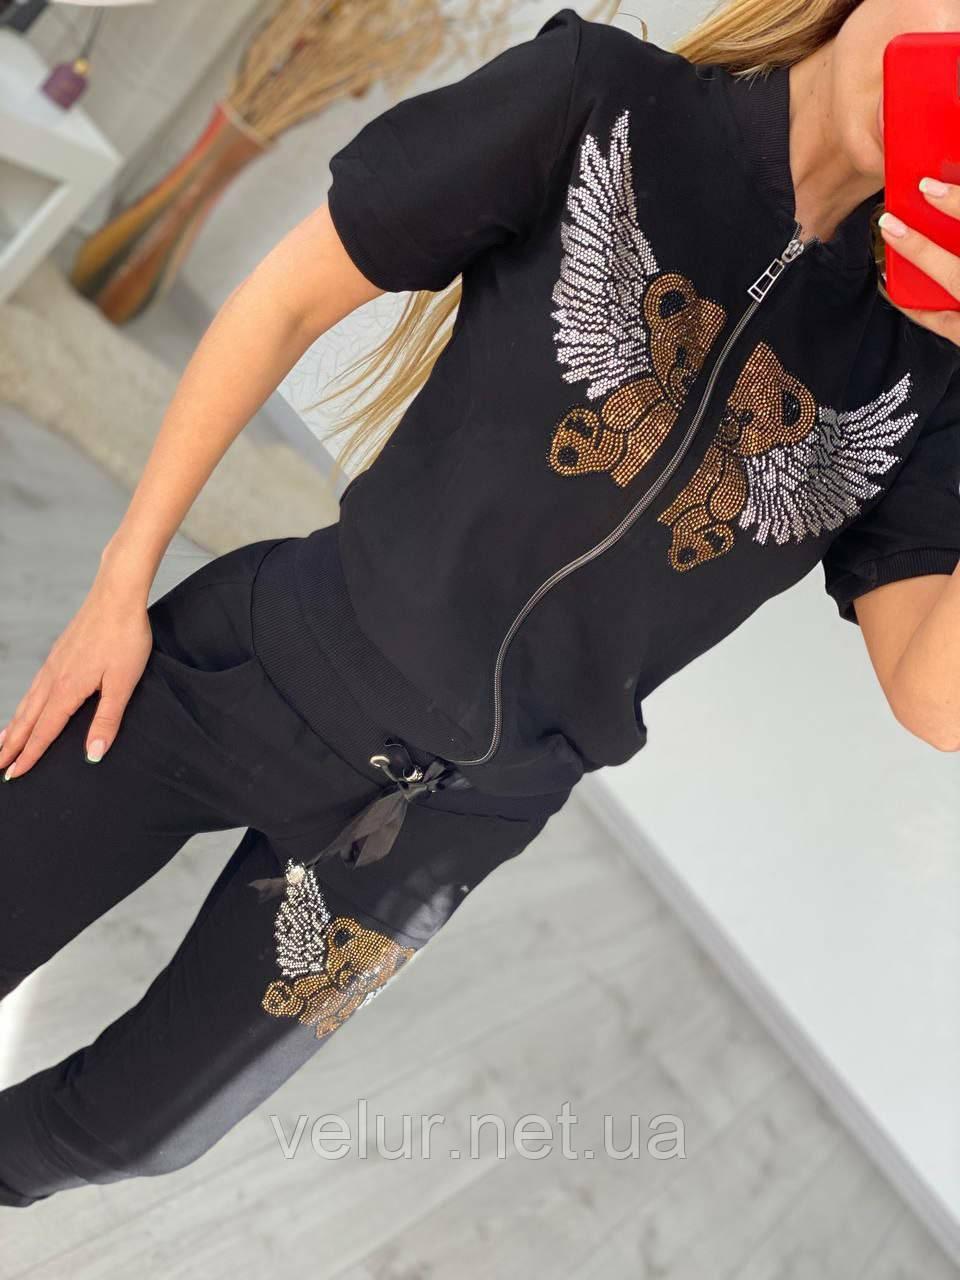 Женский летний костюм из трикотажа (Турция); размеры:С,М,Л,ХЛ полномерные Цвета черный